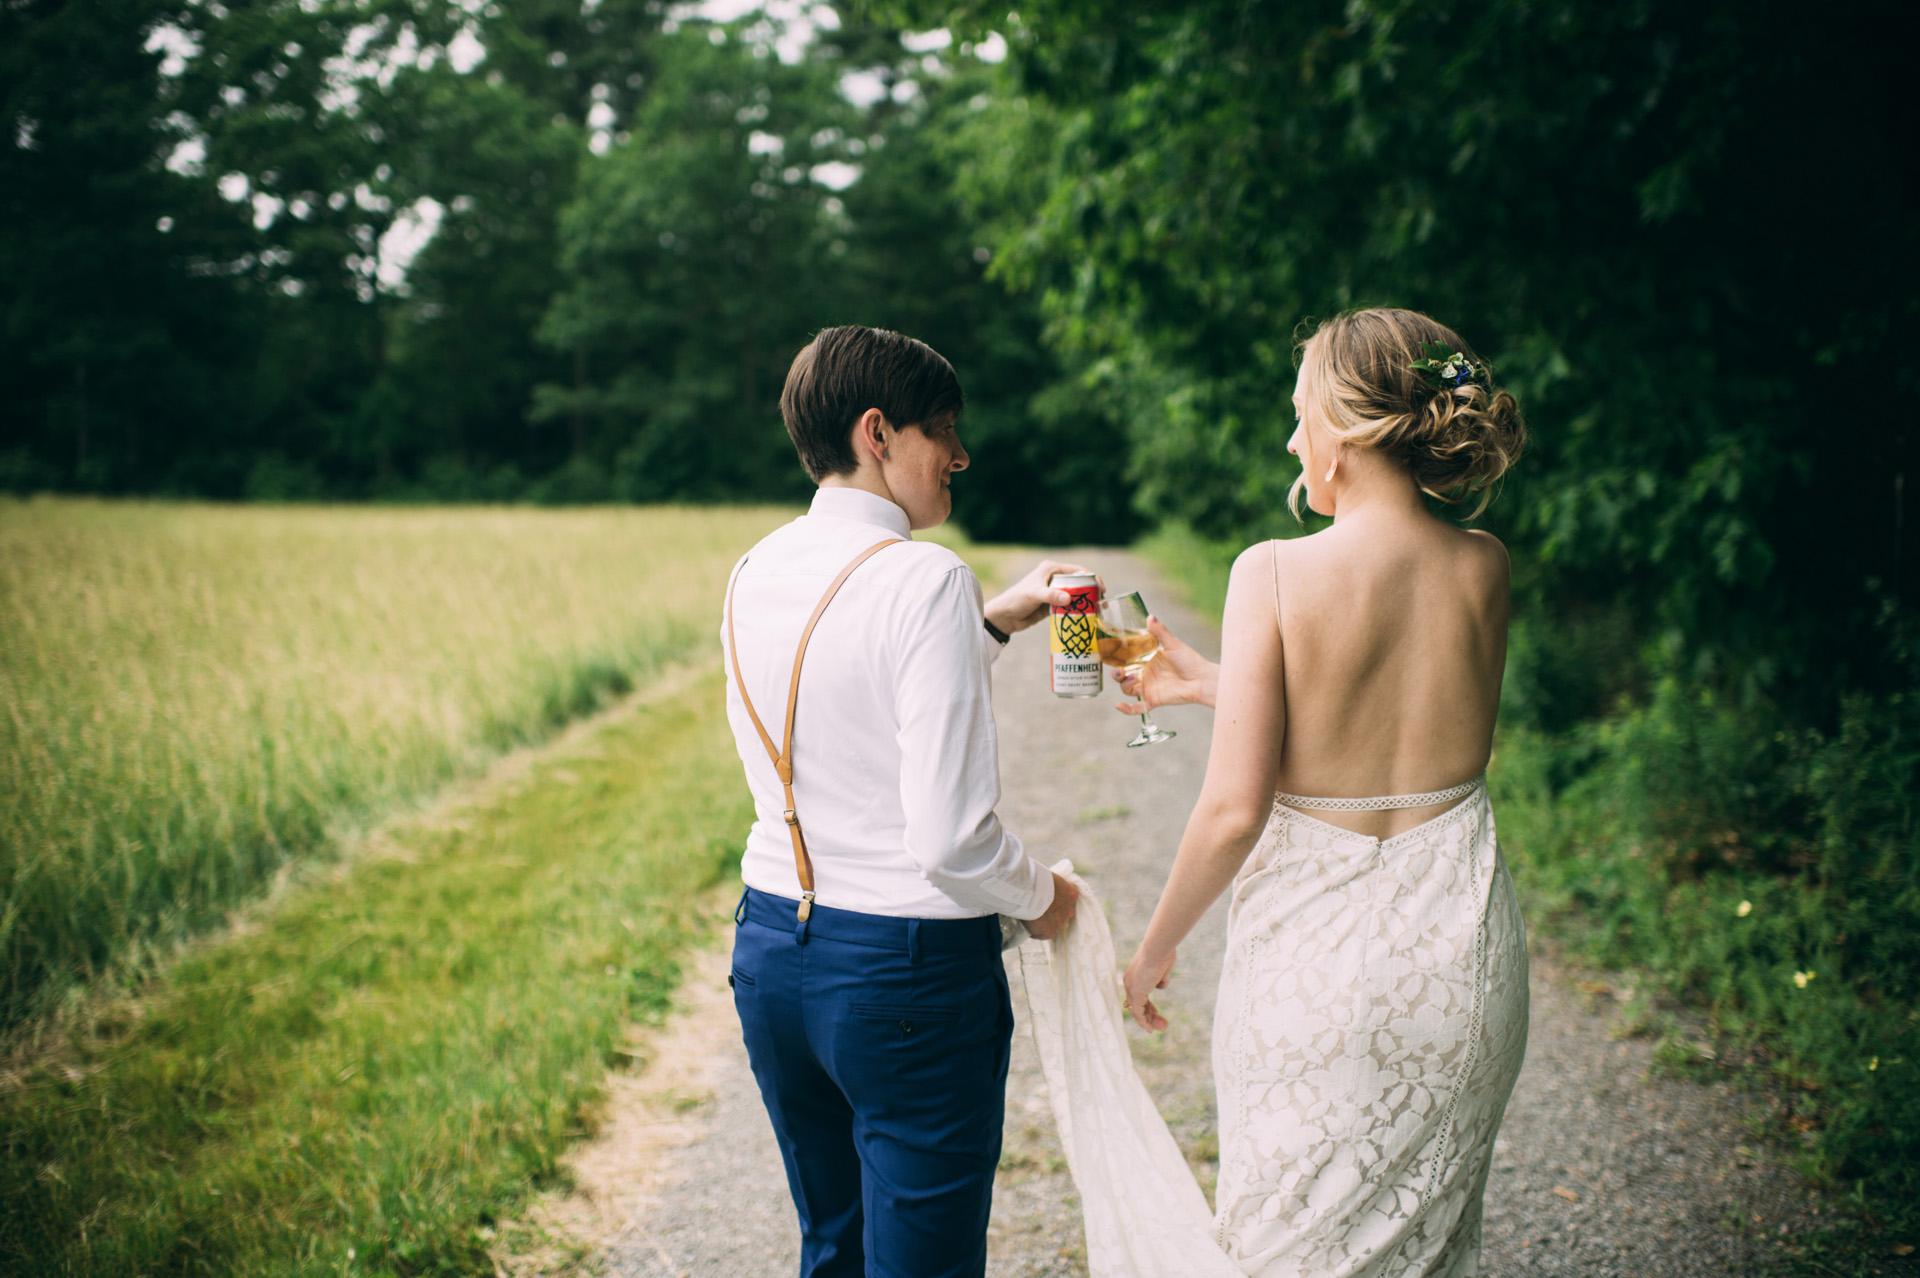 broadturn-farm-wedding-58